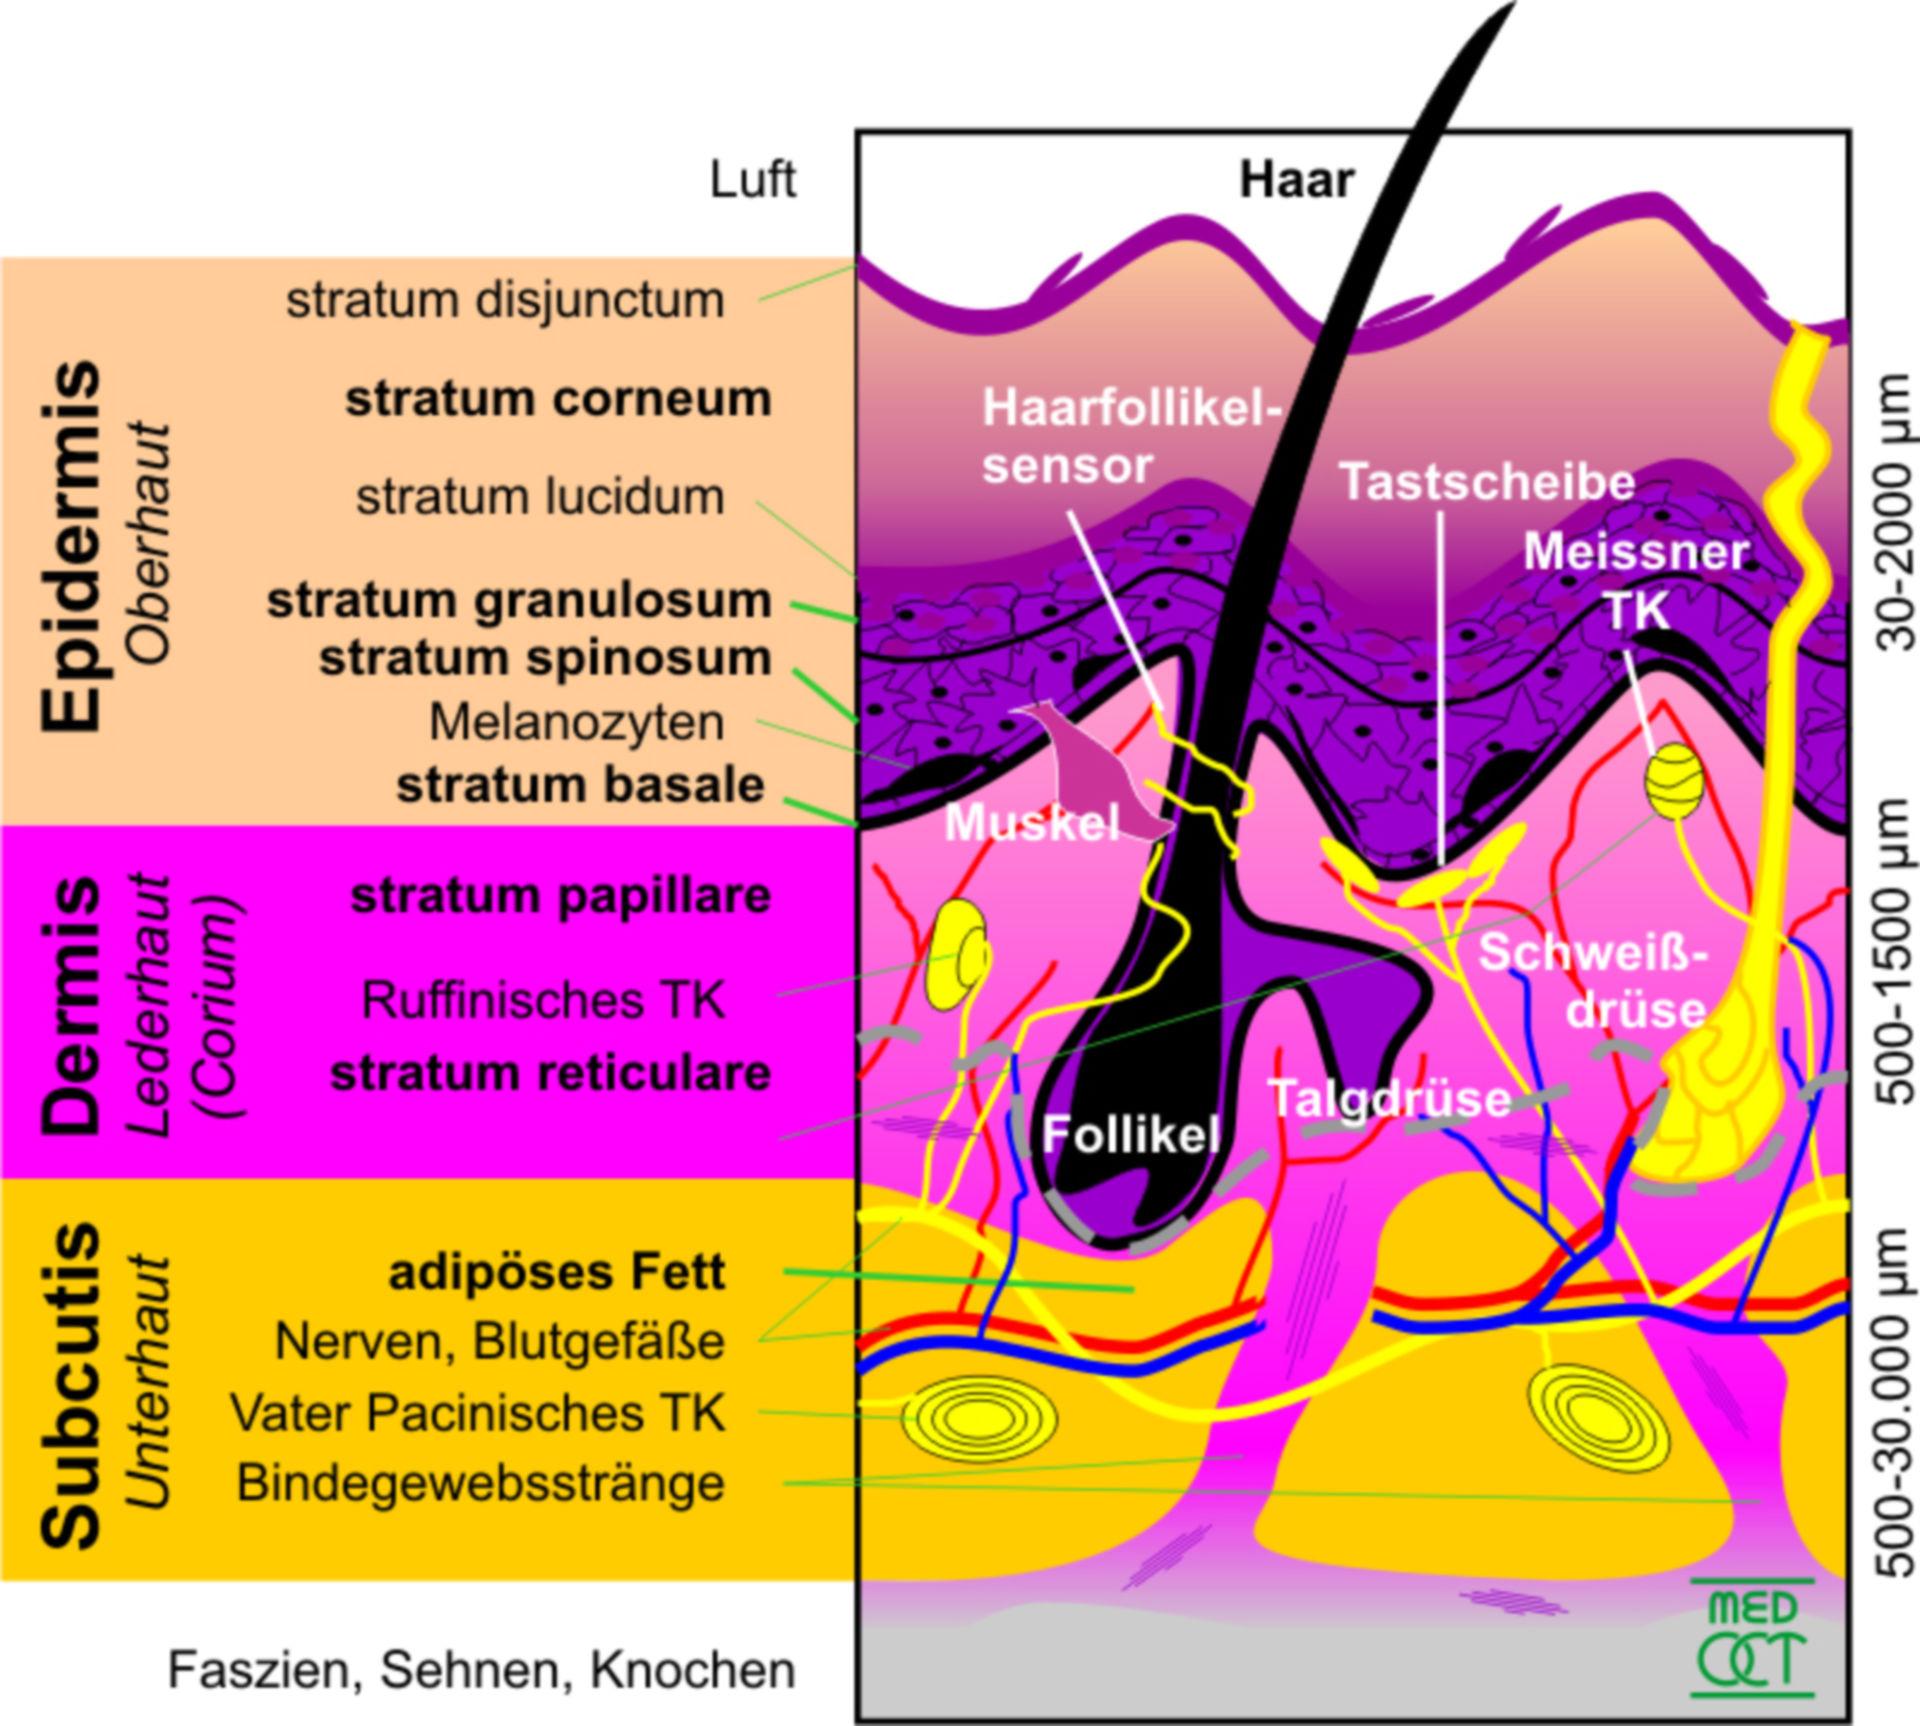 Aufbau der menschlichen Haut (Schema)